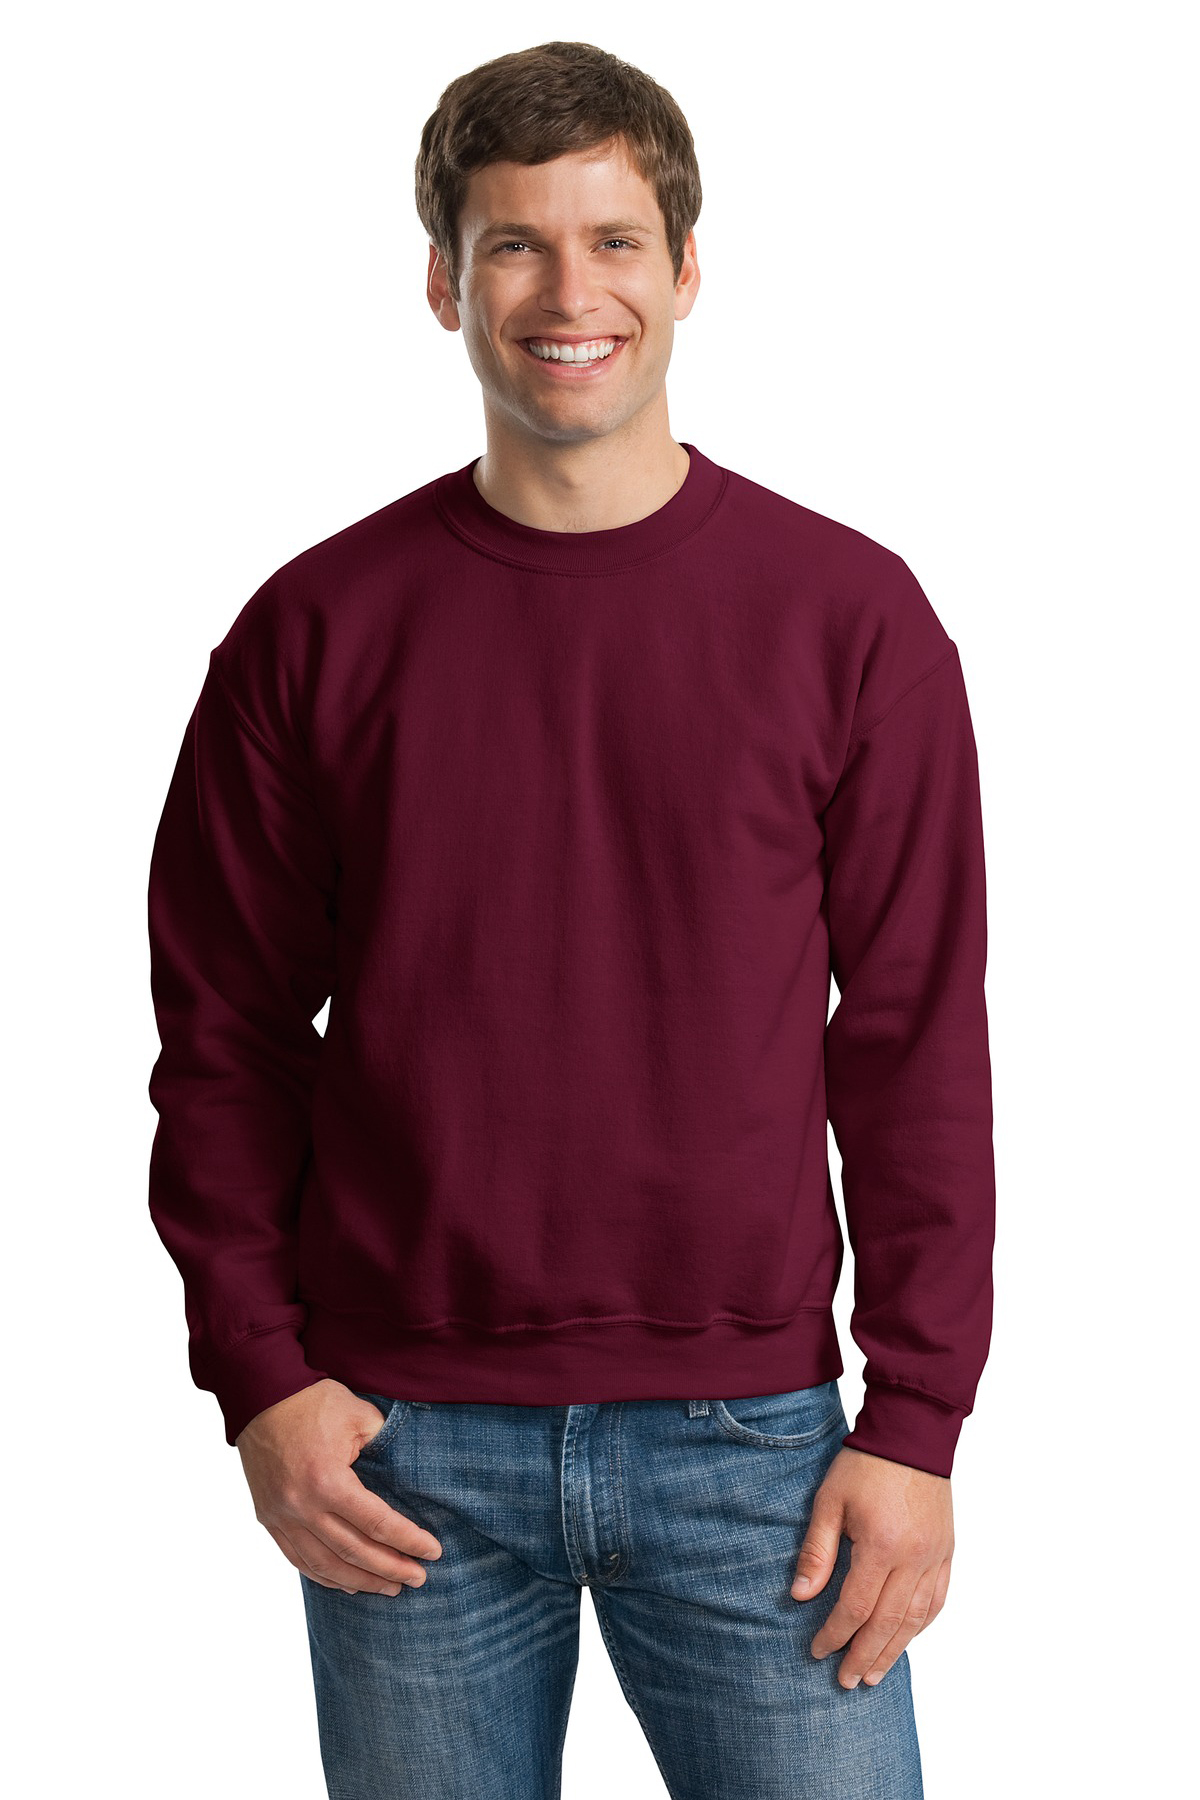 Sweatshirts-Fleece-Crew-Necks-5